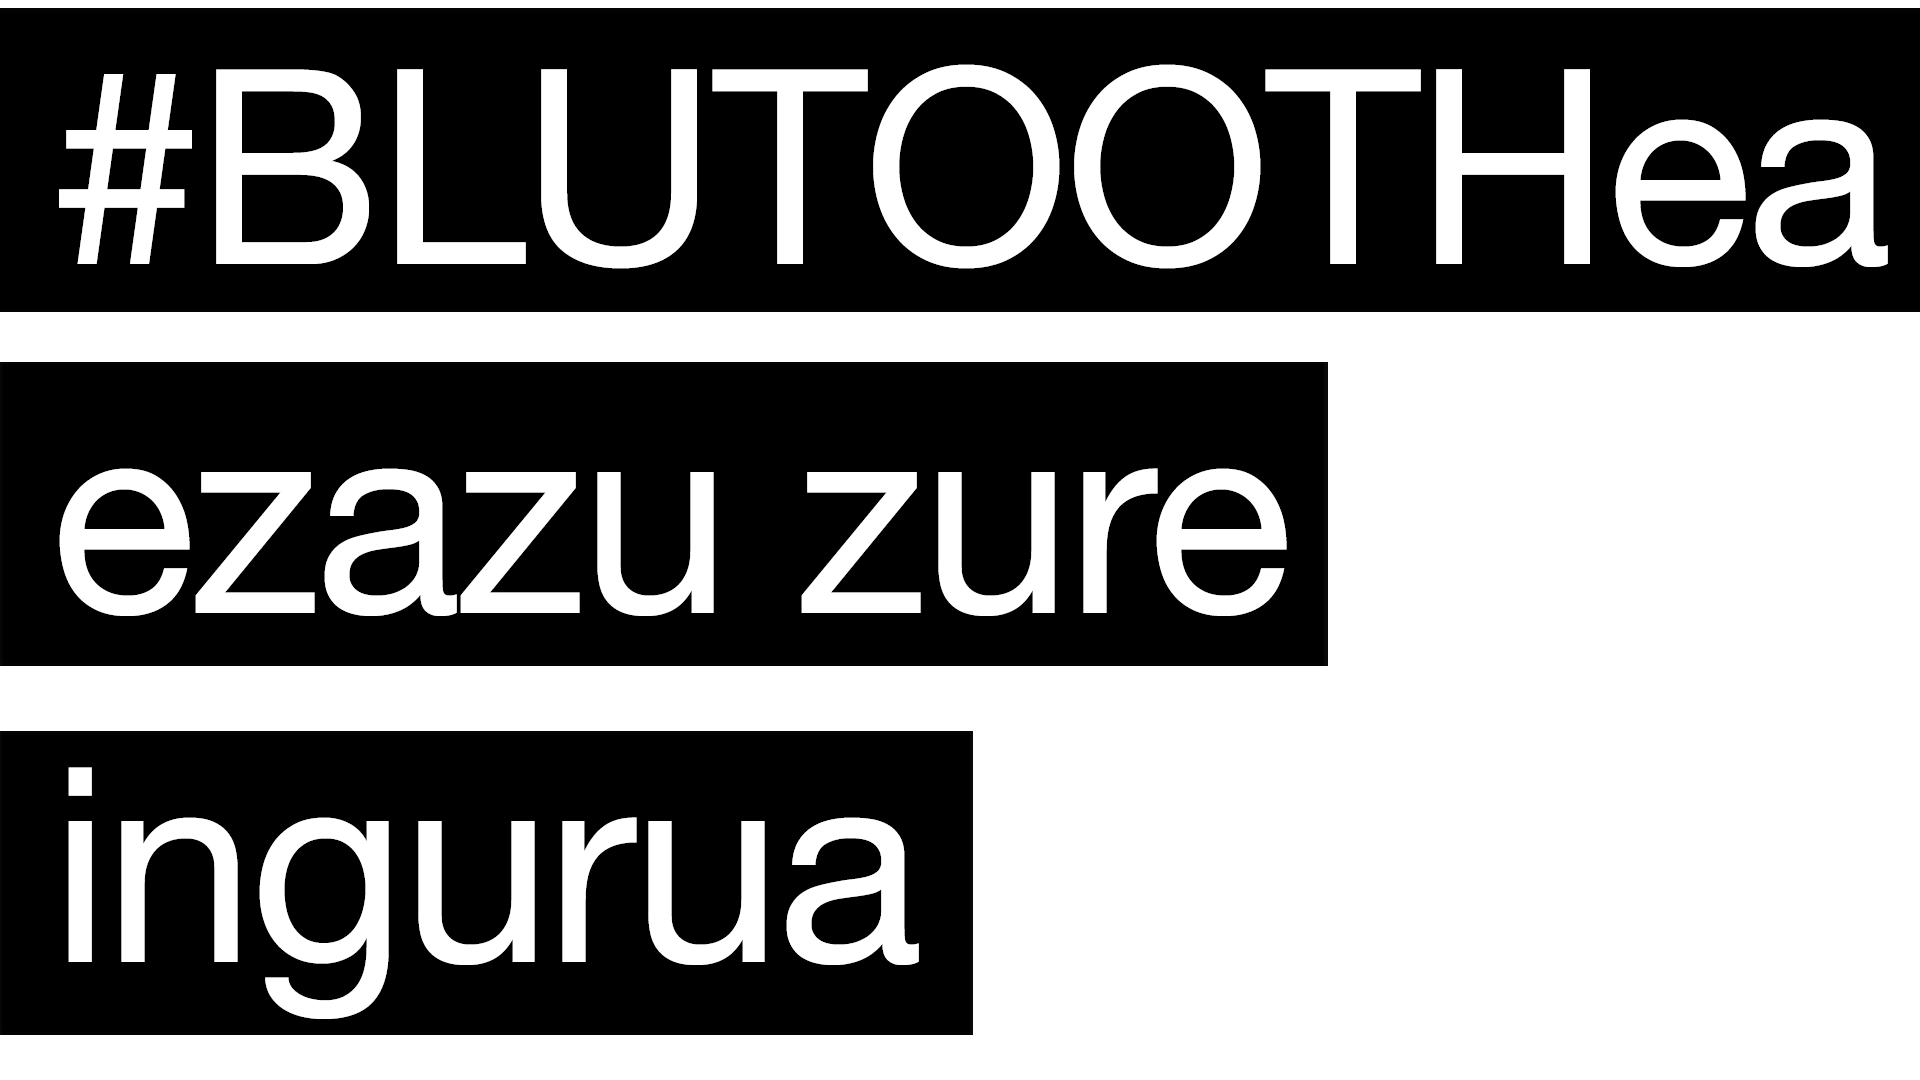 textoBluetoothEUS